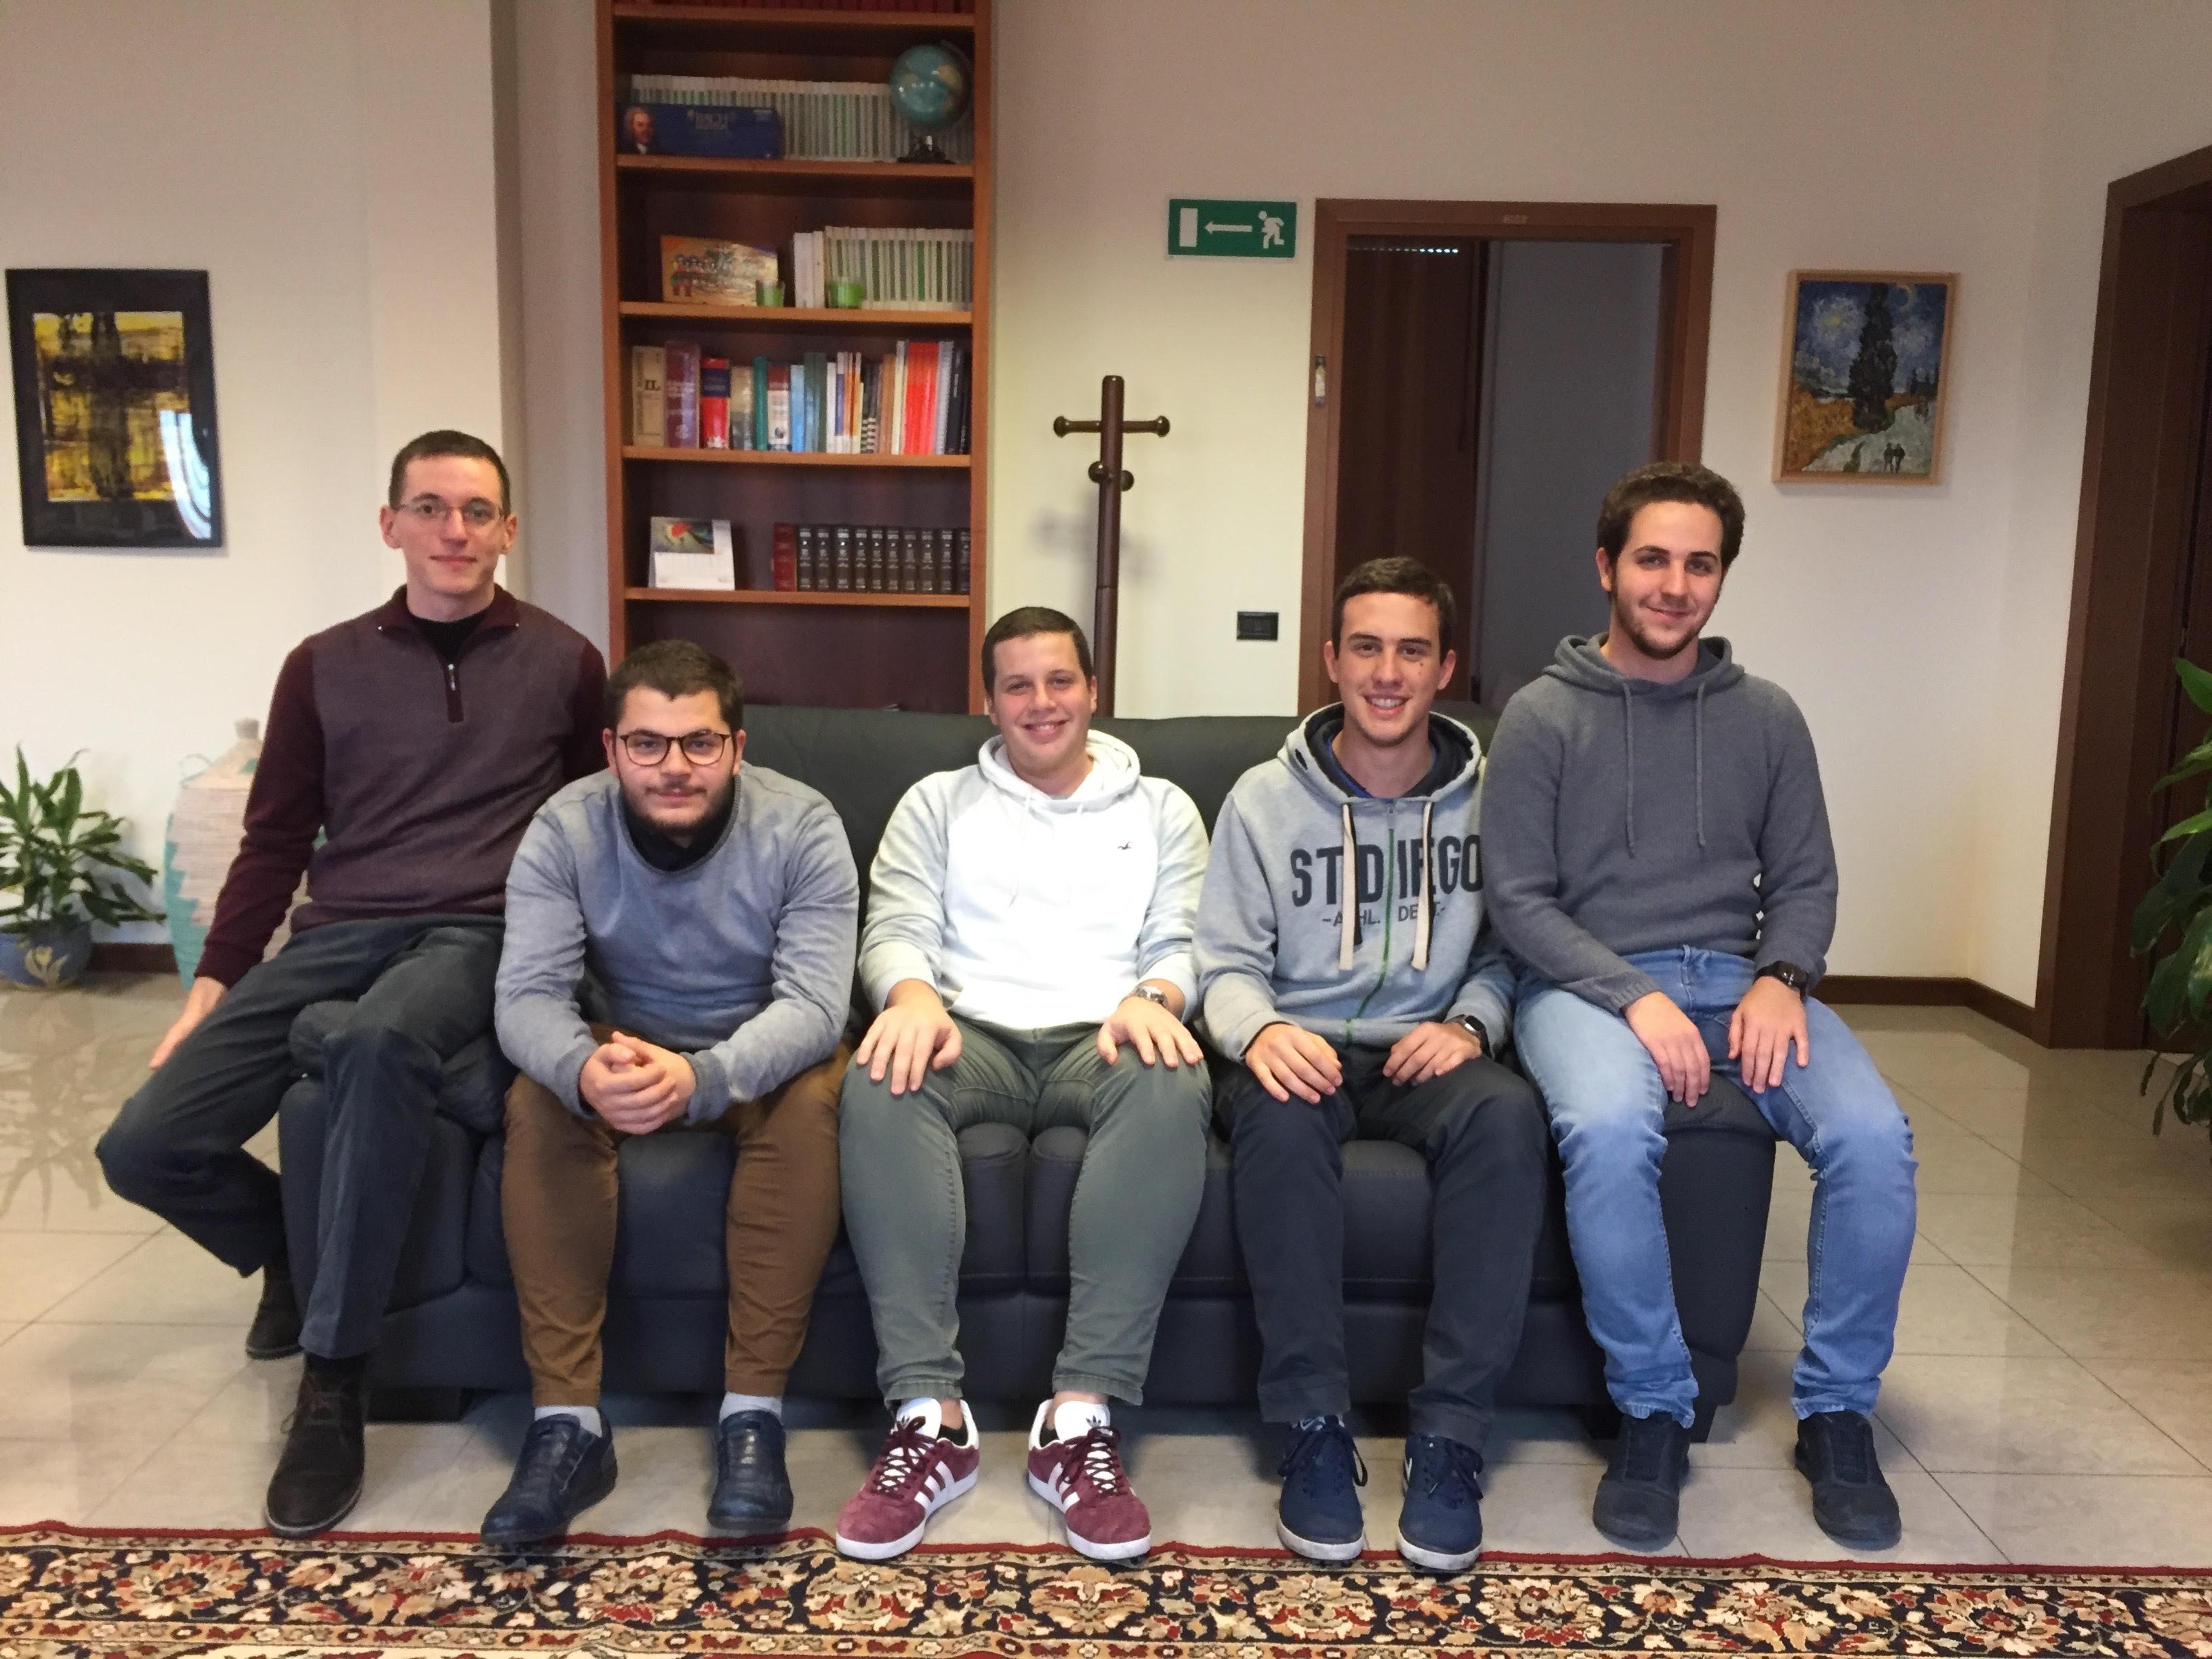 Festa a Casa Sant'Andrea con il vescovo Claudio @ Casa sant'Andrea